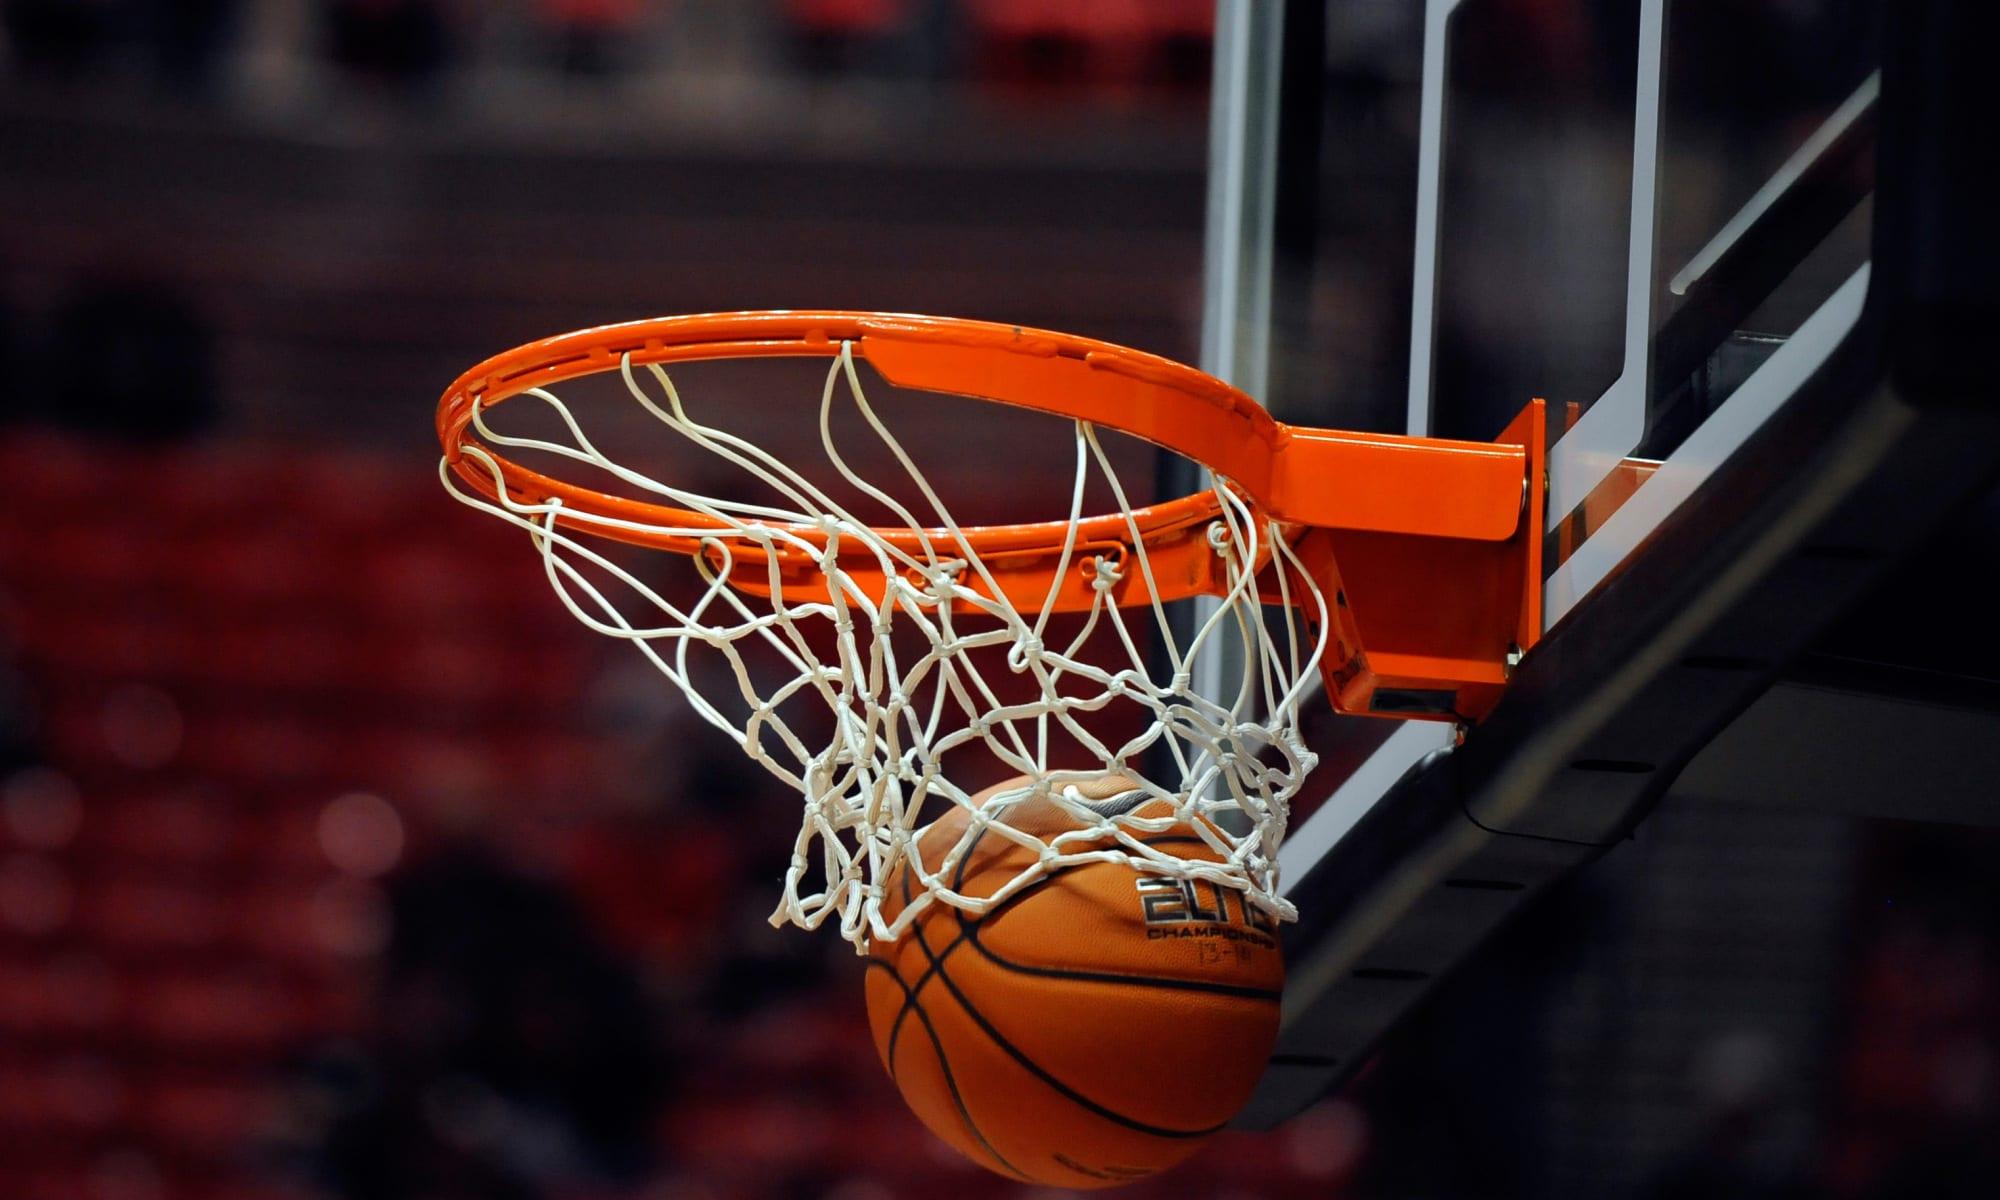 الدوري الأمريكي لكرة السلةNBA